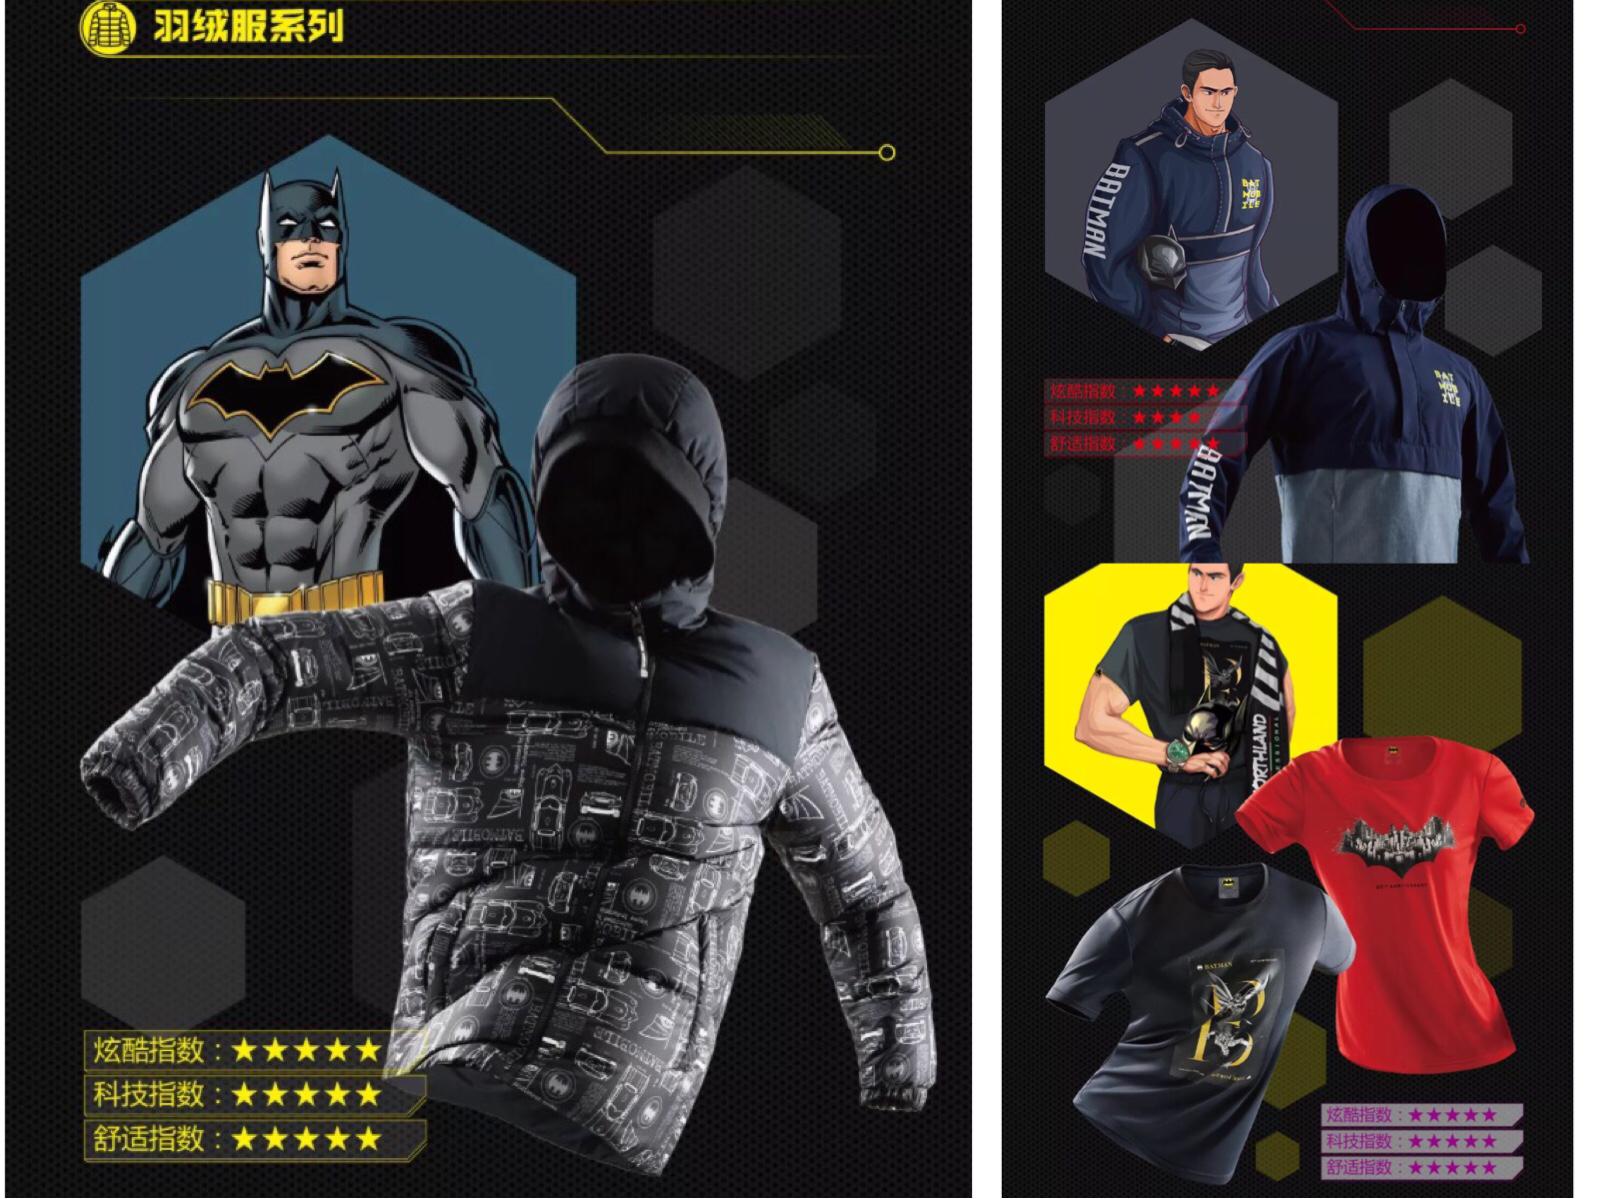 好物│蝙蝠侠联名款扎堆亮相,看看你中意哪个